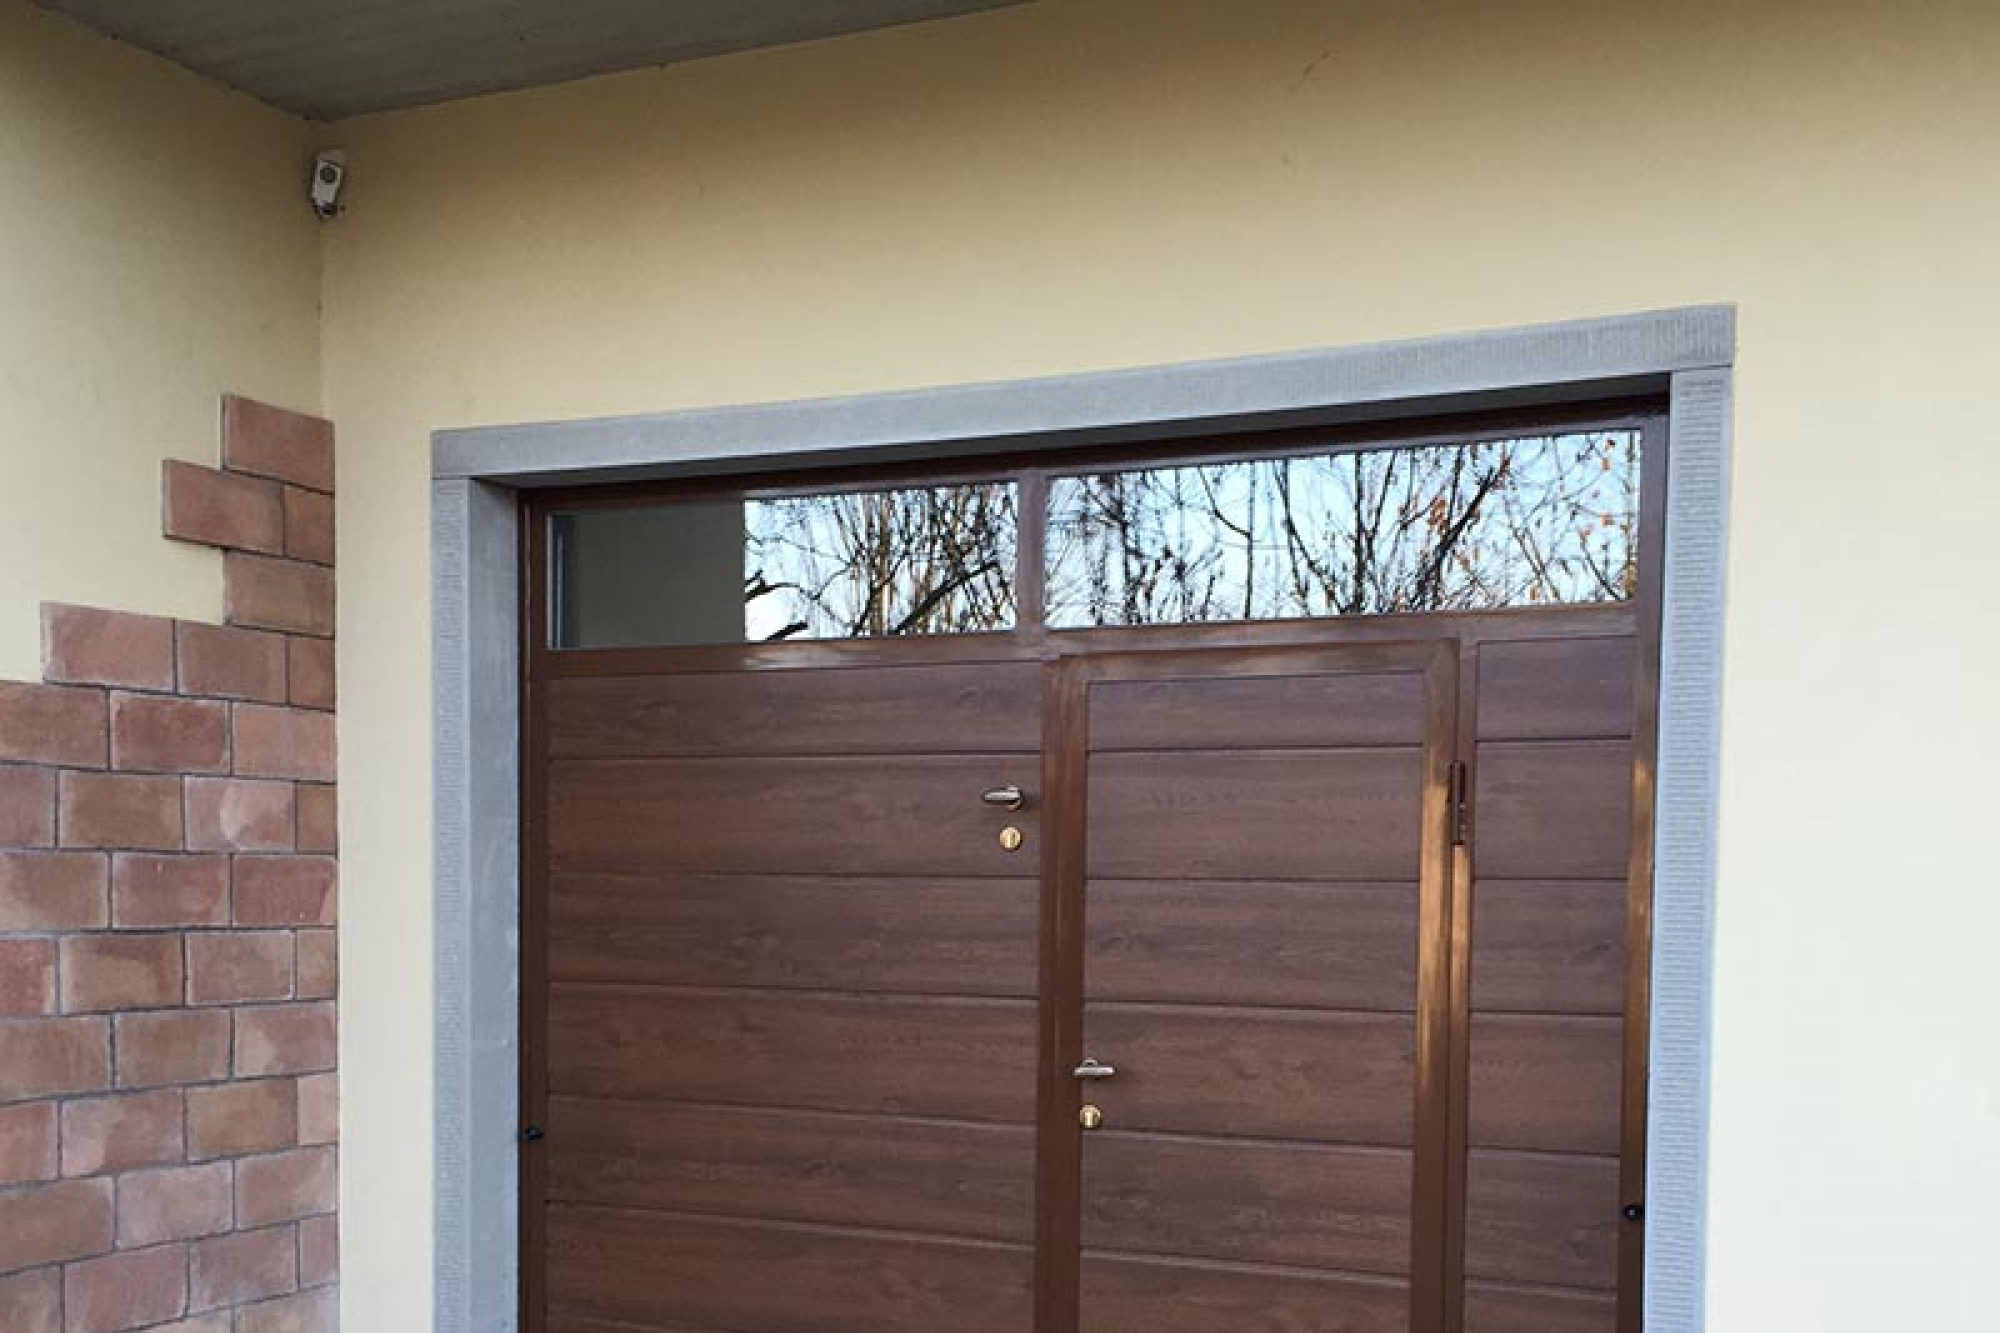 Portoni e porte basculanti per garage richiedi prezzo o preventivo serramenti per garage - Porta garage sezionale prezzi ...